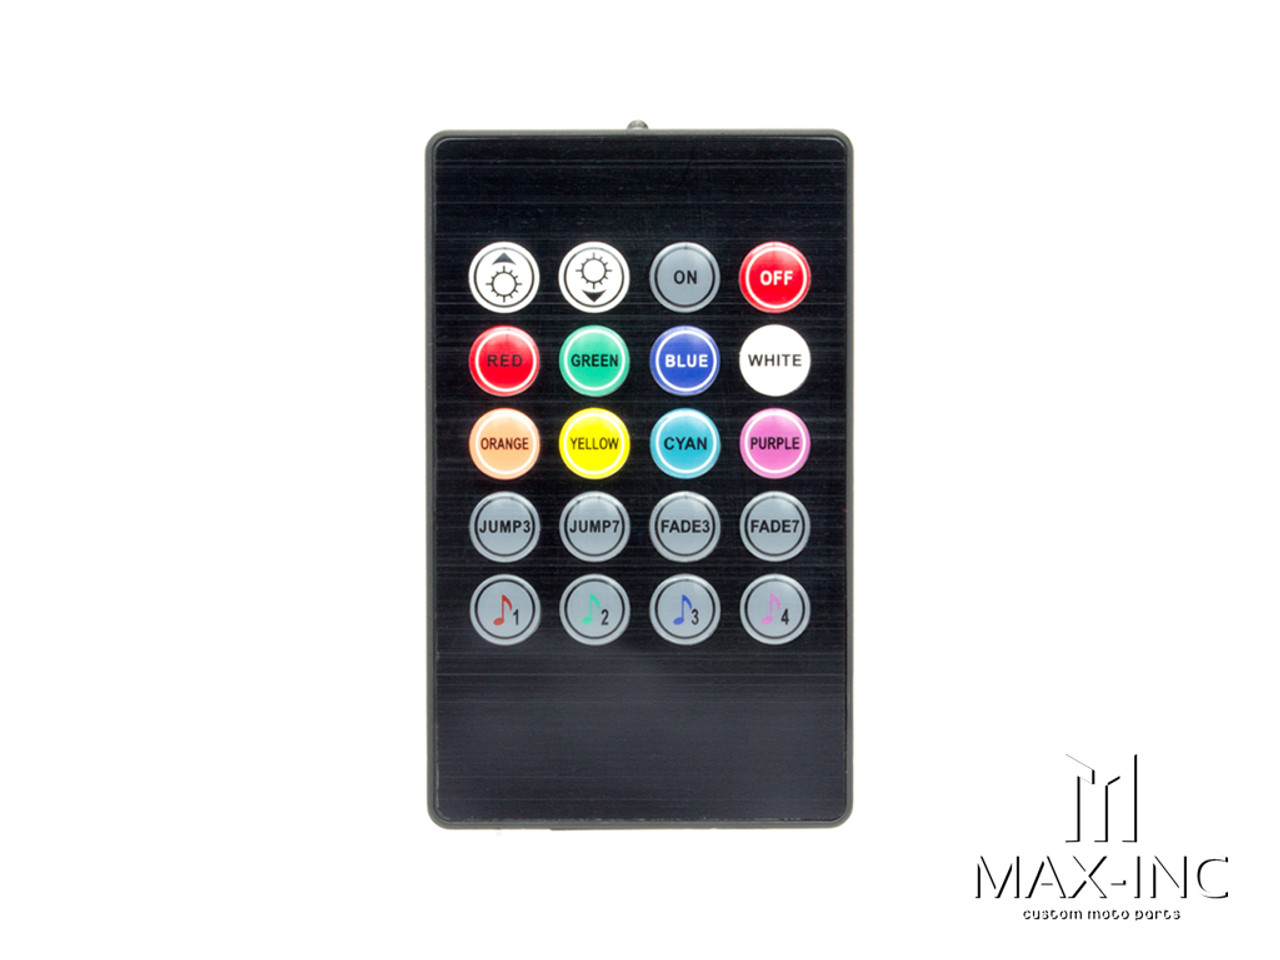 12v Music Activated Strobe Interior RGB LED Lighting Kit